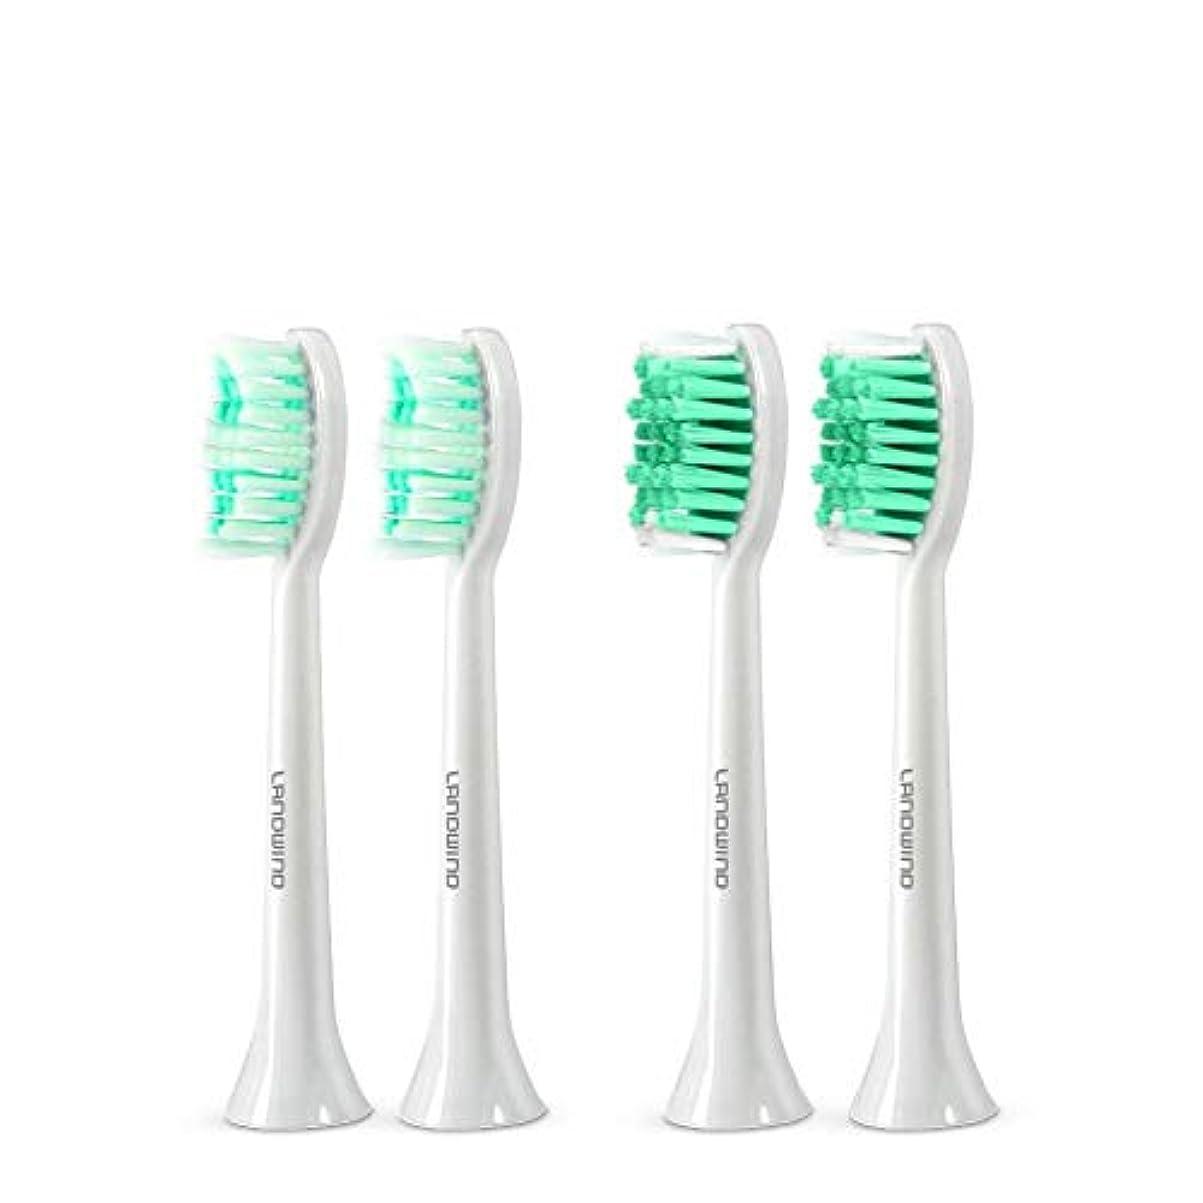 ウェーハ誘惑反発歯ブラシ 替えブラシ4本入り 口内ケアキット 防水&水洗可 ホワイト